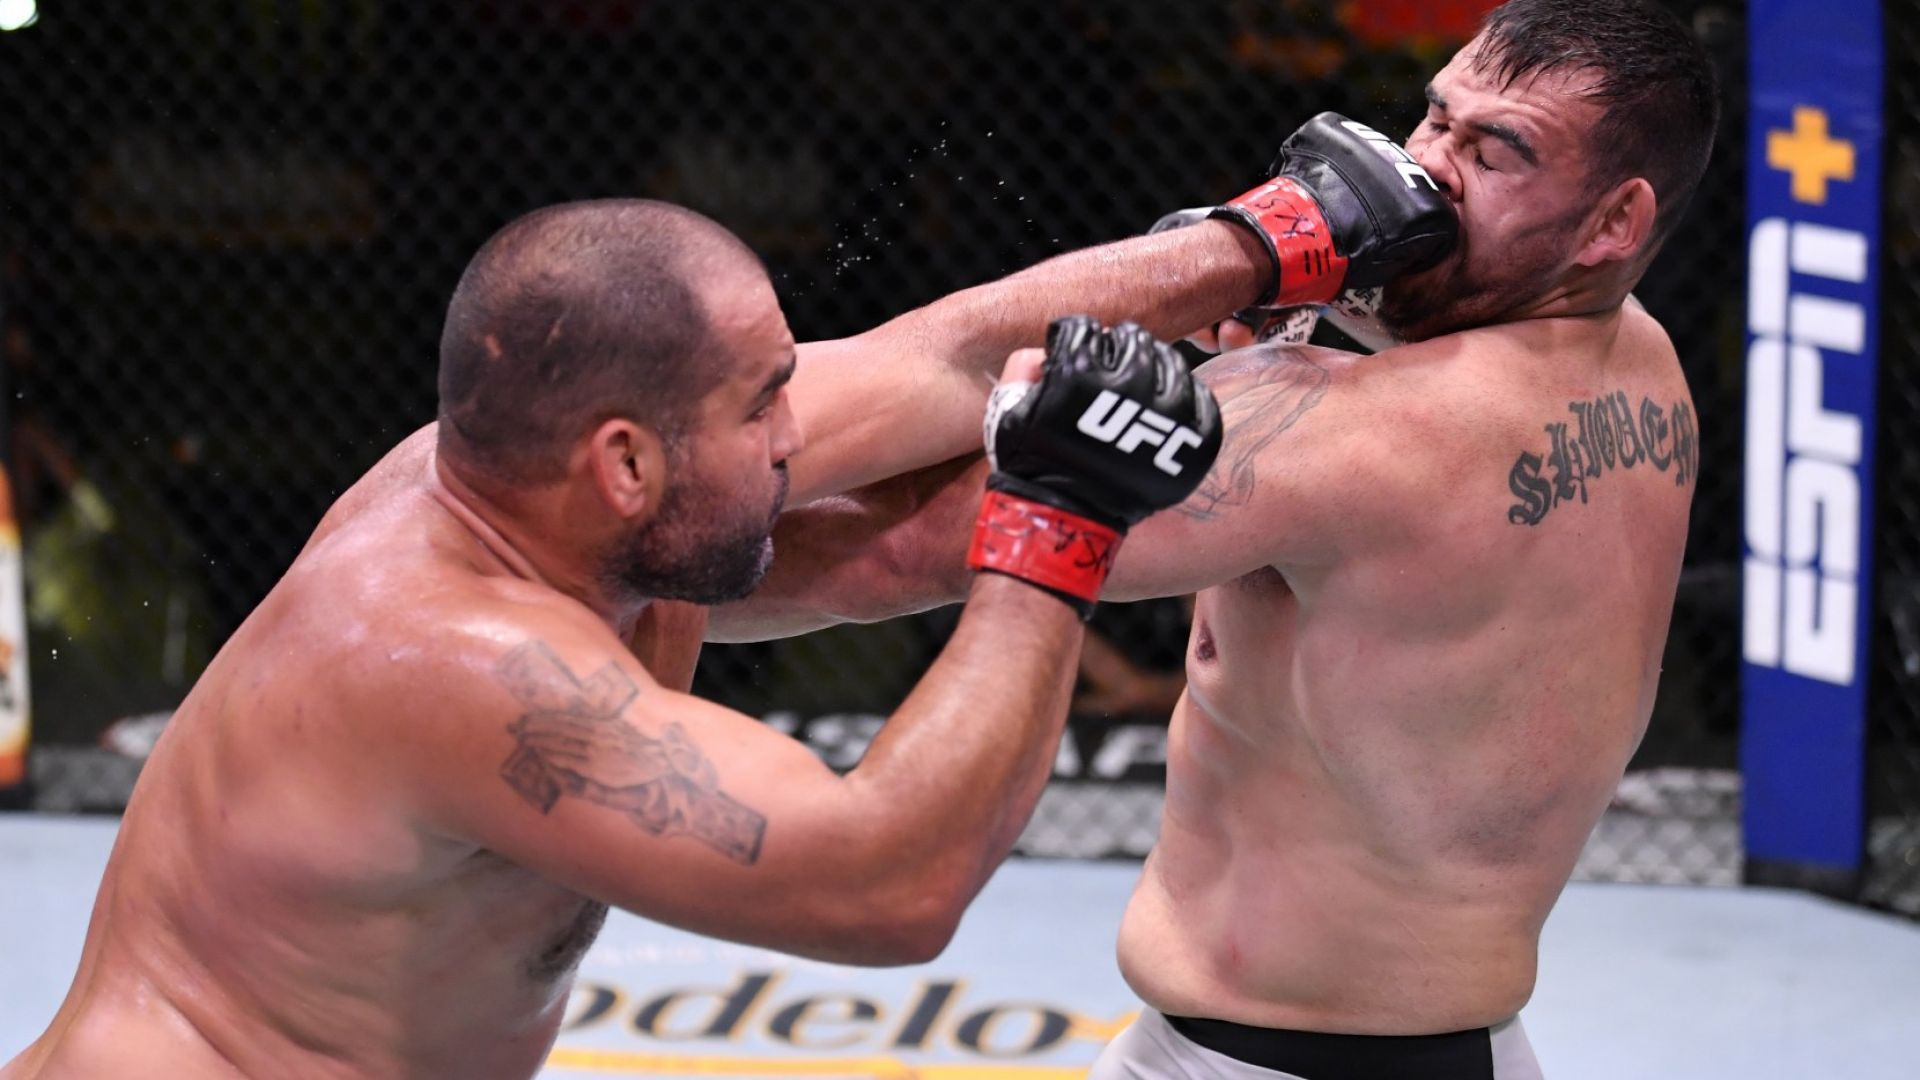 Благой Иванов - Багата загуби за втори пореден път в UFC